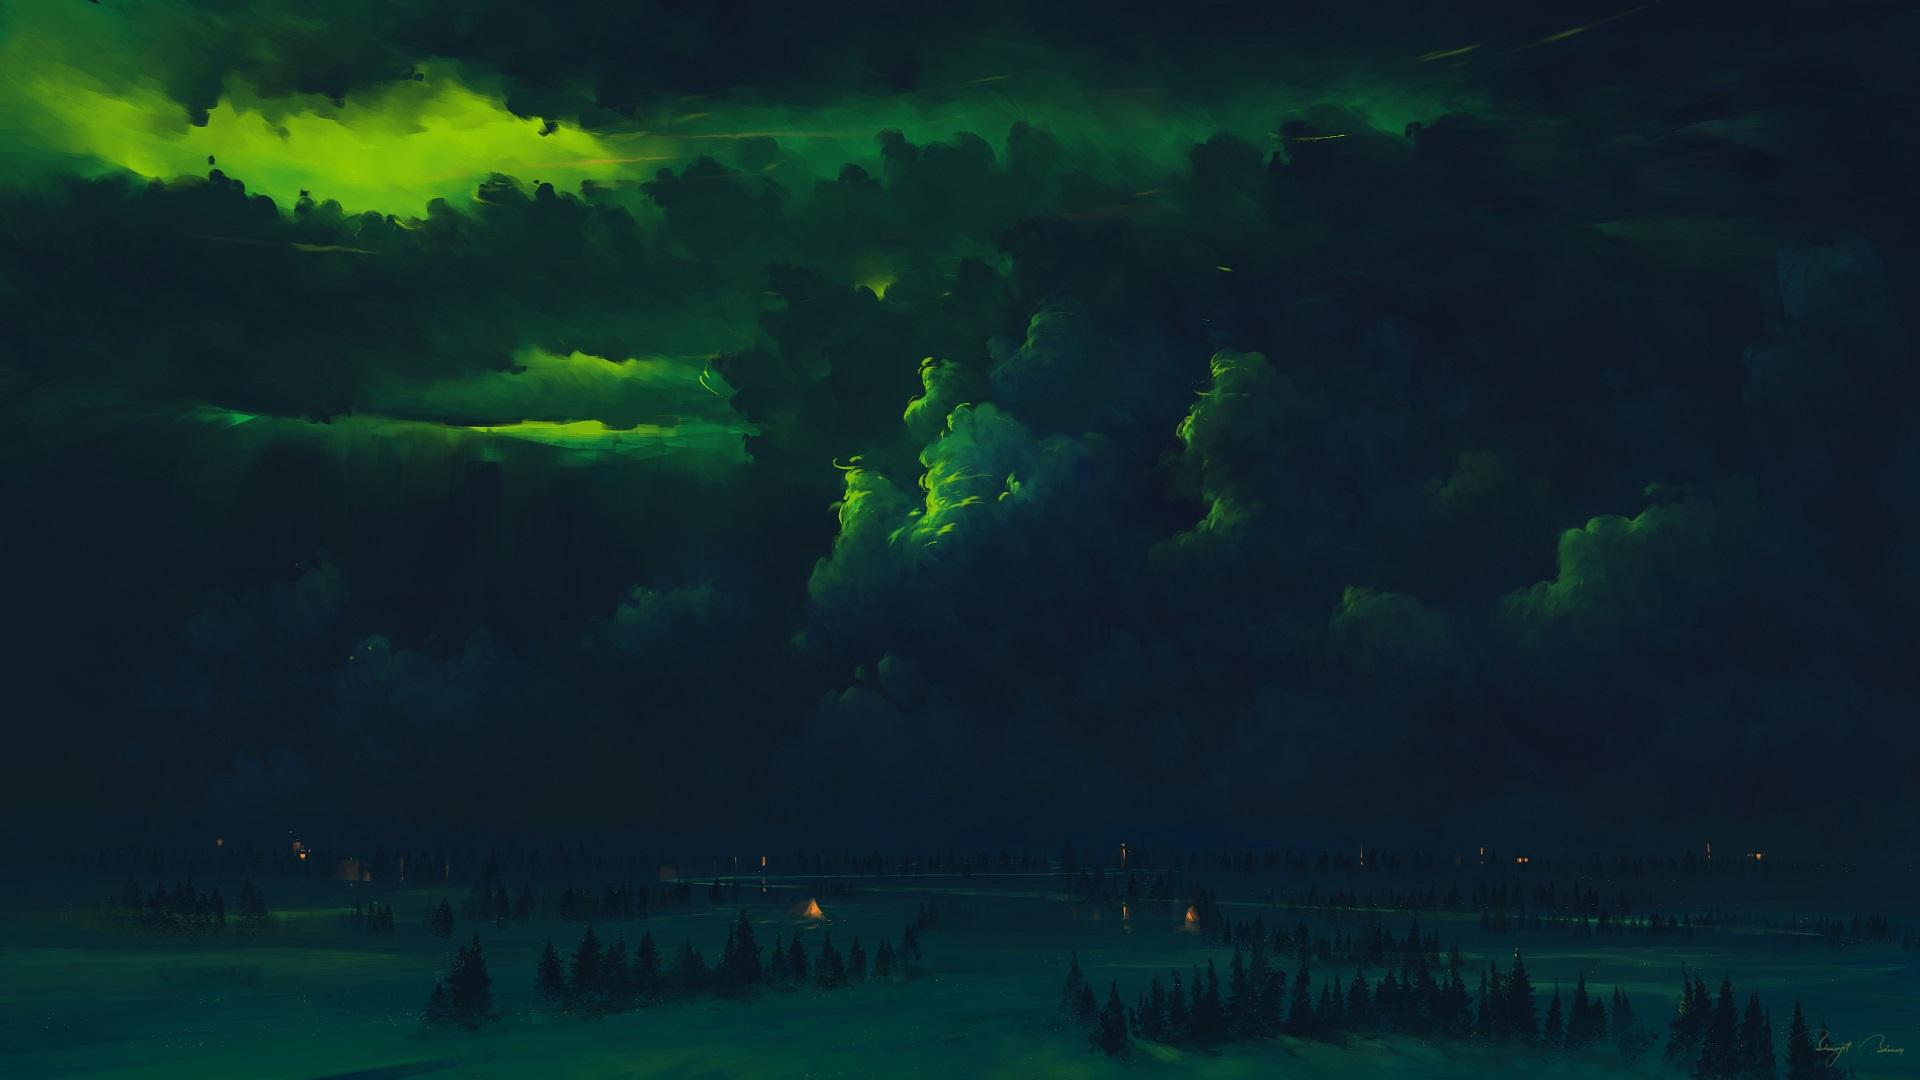 General 1920x1080 BisBiswas digital art green clouds forest